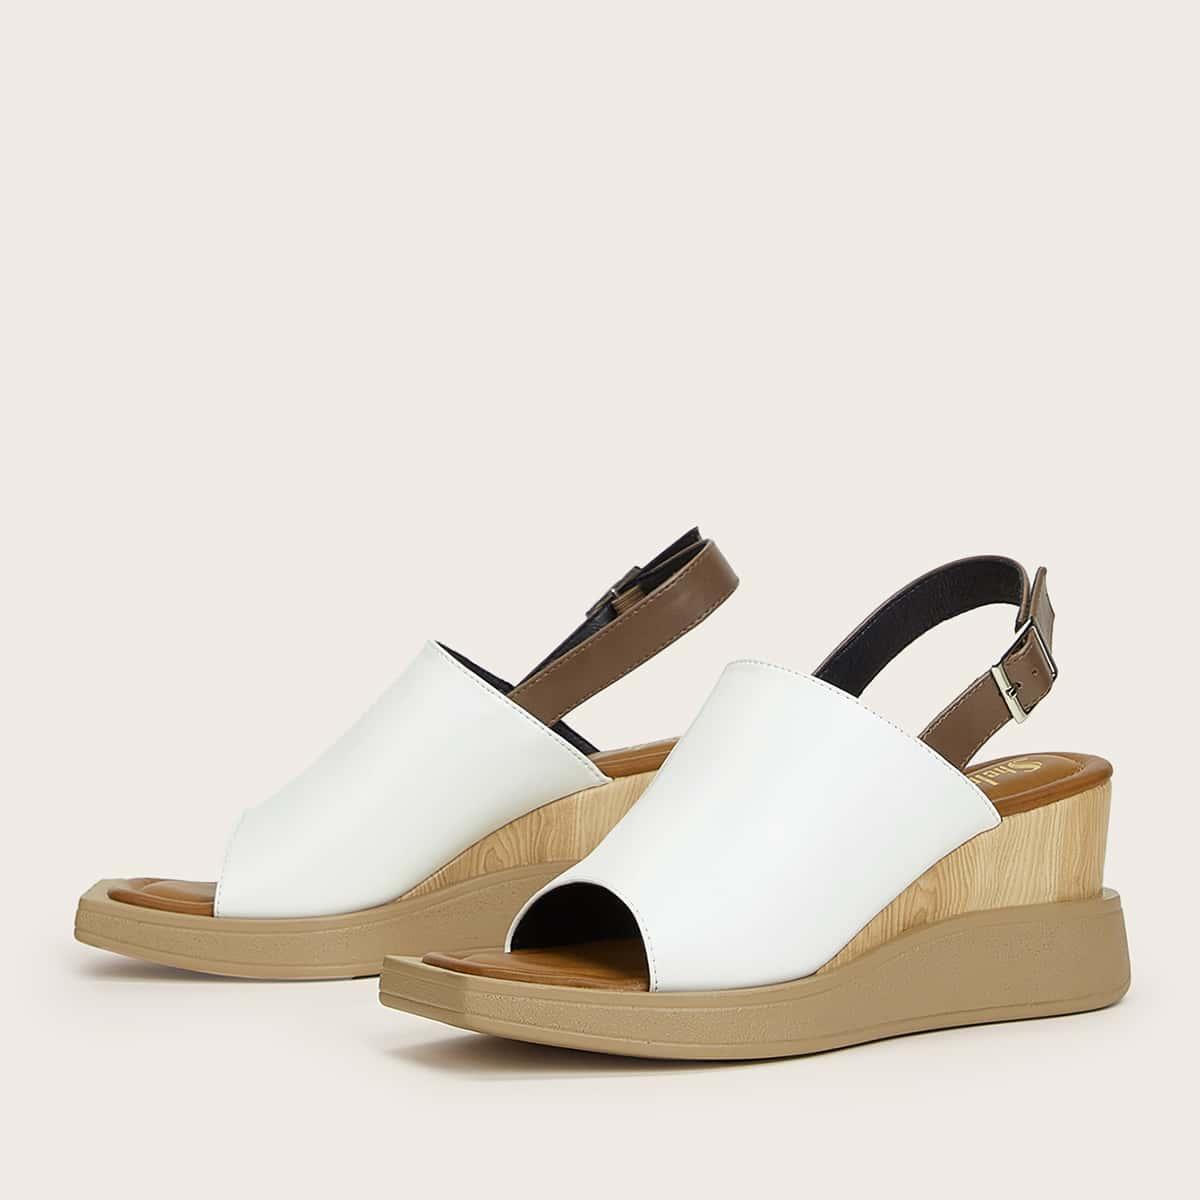 Two Tone Slingback Wedge Sandals